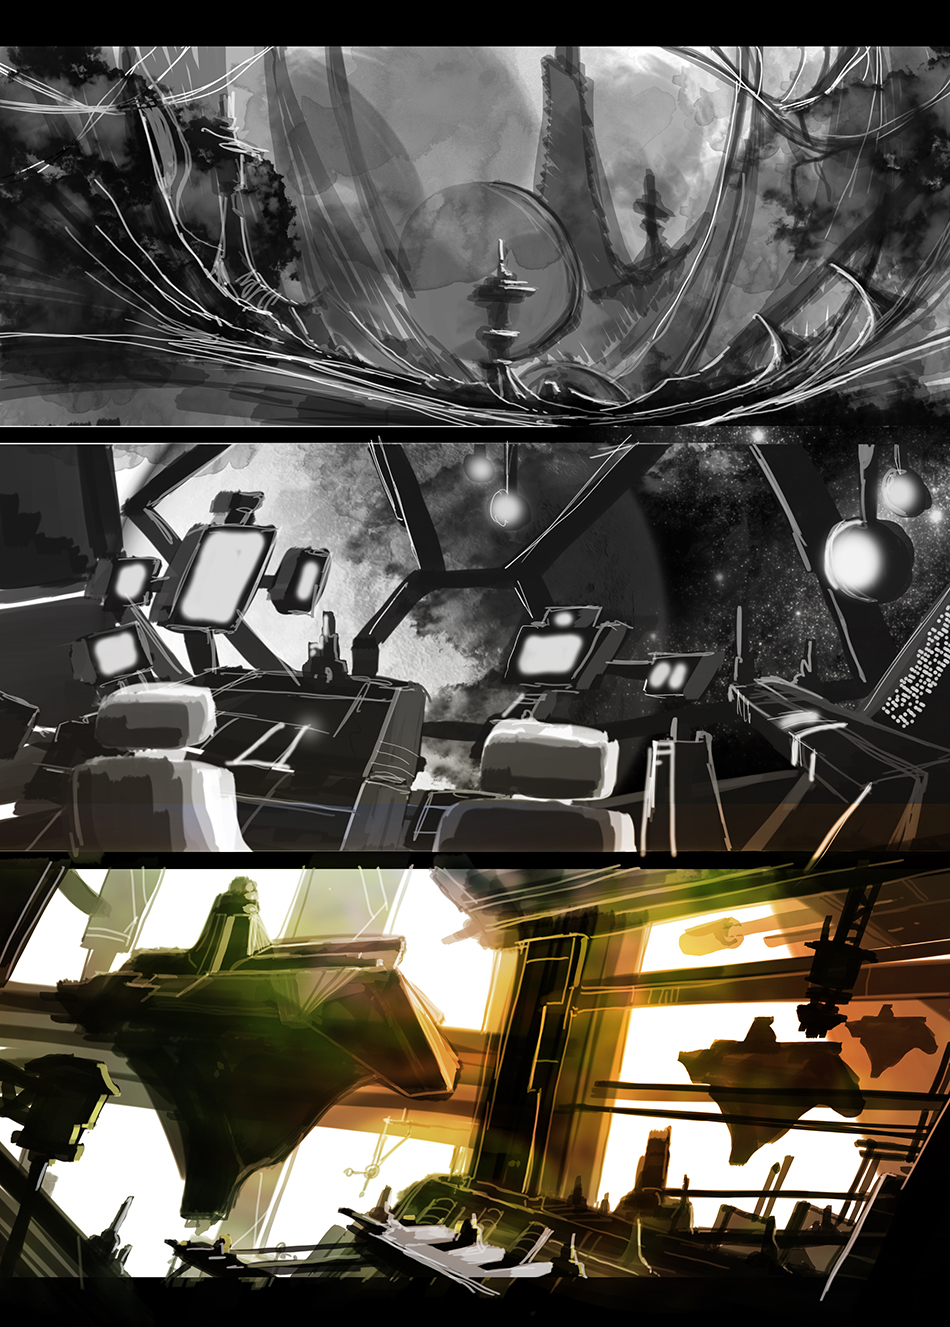 planetdock_07